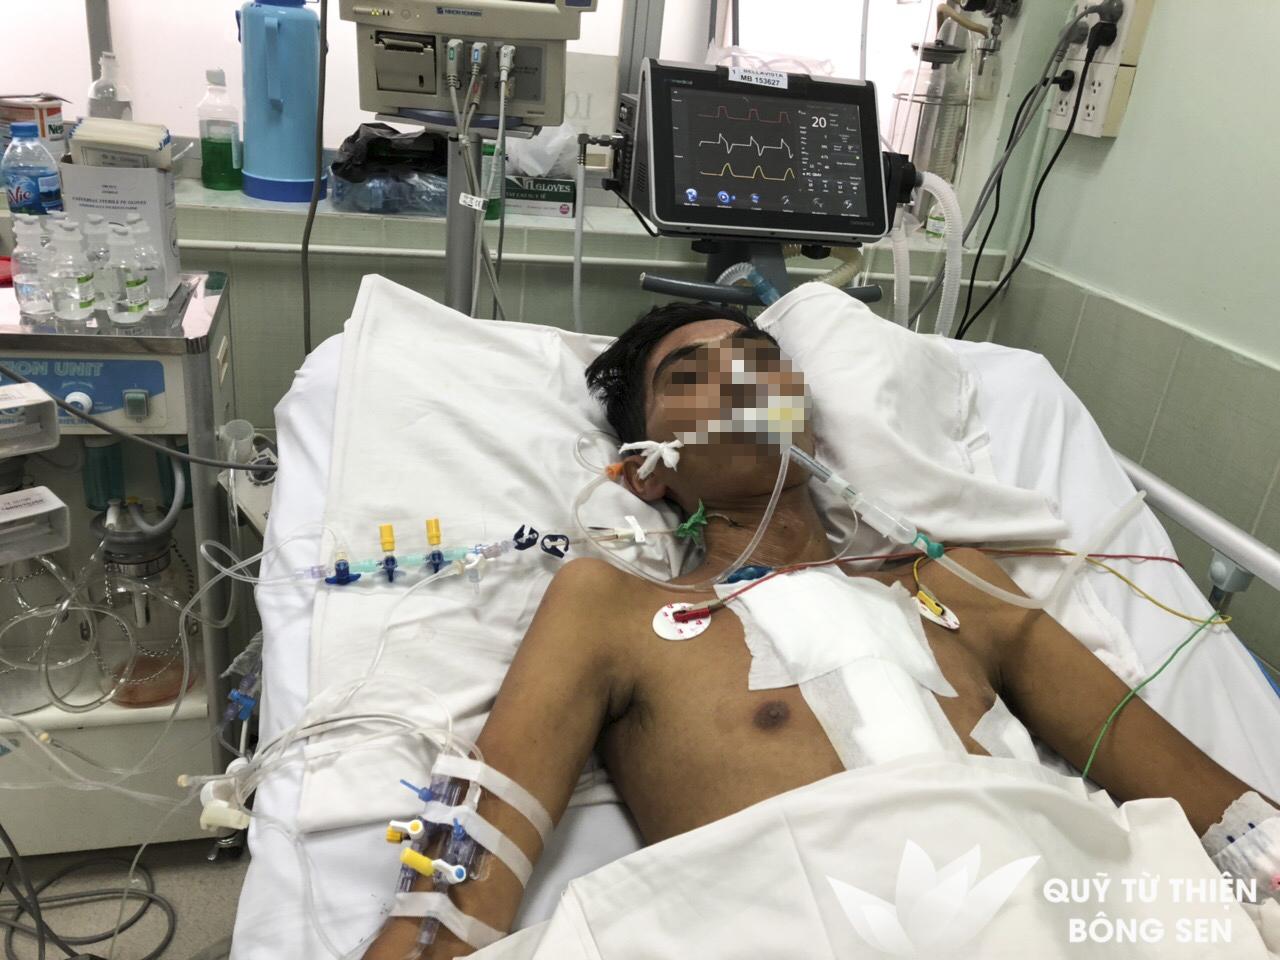 Kỳ 395: Phạm Ngọc Vũ (sinh năm 1997) quê Bình Định, bệnh tim, hỗ trợ 12 triệu đồng ngày 30/11/2018